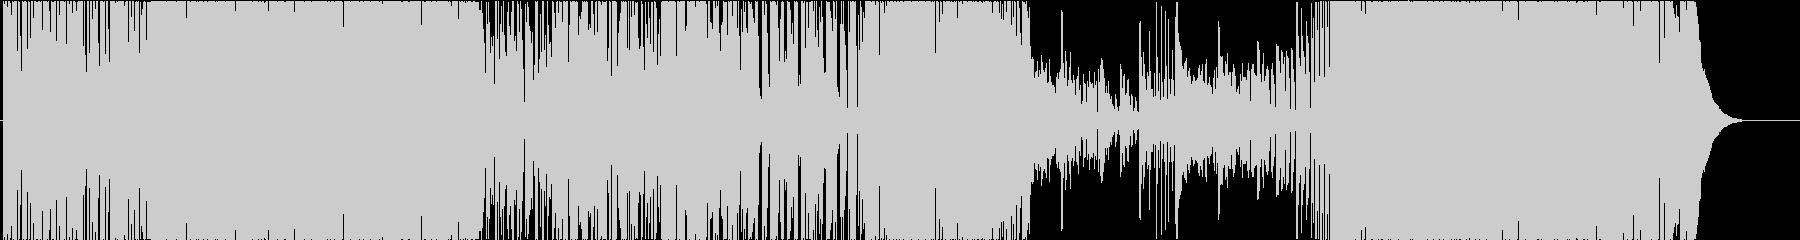 ドラムソロから始まるJazzRockの未再生の波形